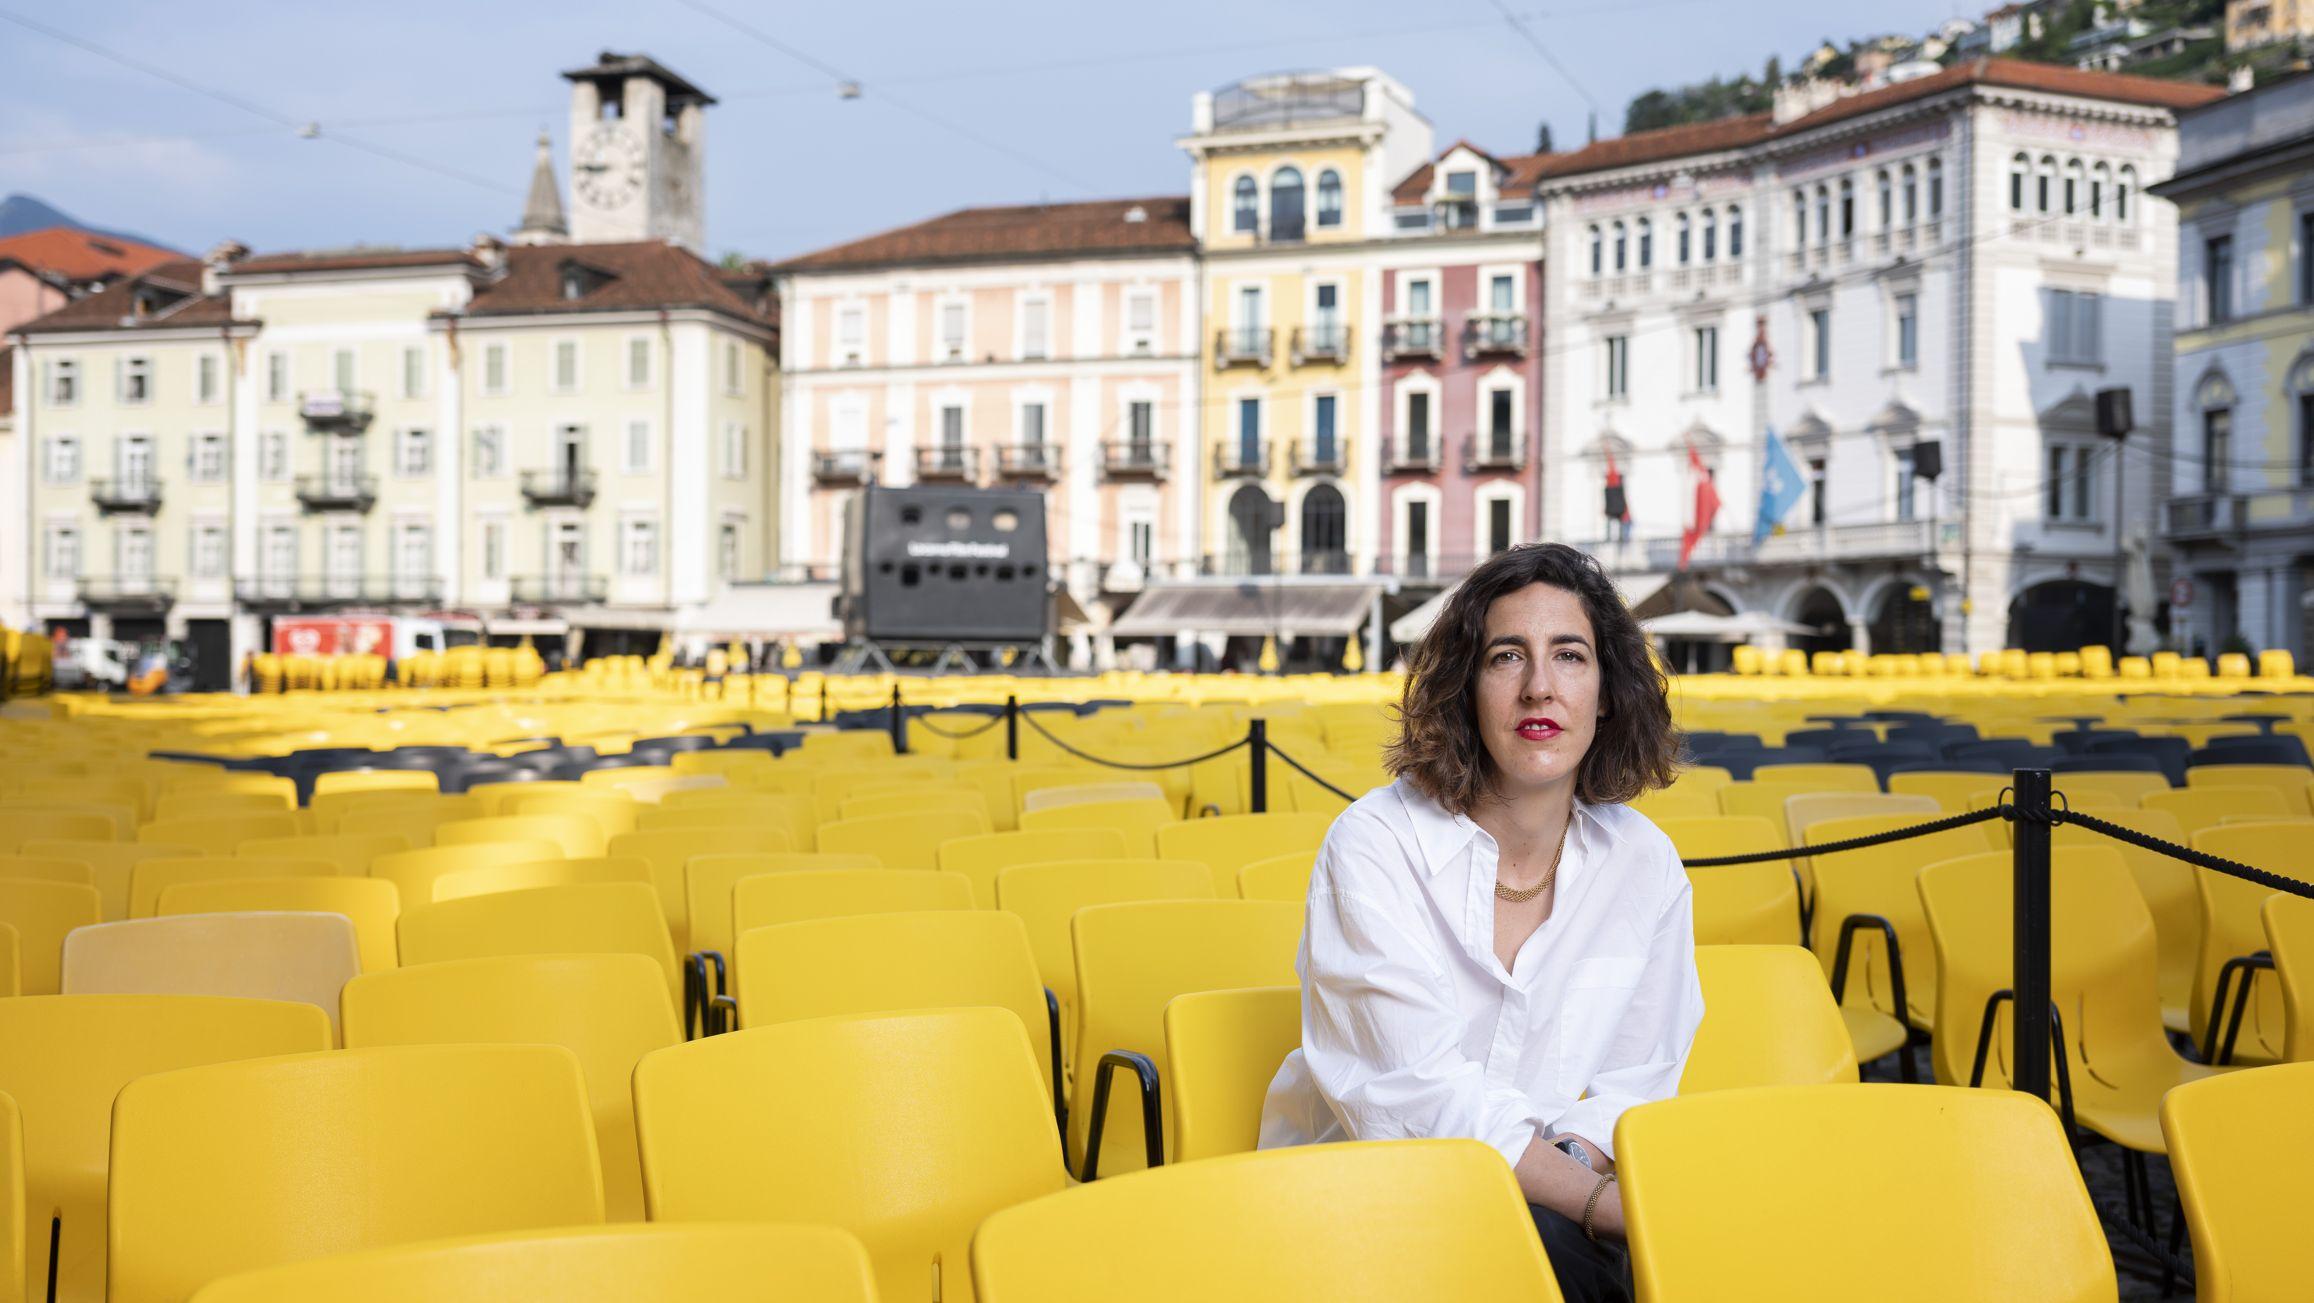 Lili Hinstin, neue künstlerische Leiterin des Filmfestivals in Locarno, sitzt in einem Meer aus gelben Stühlen auf der Piazza Grande